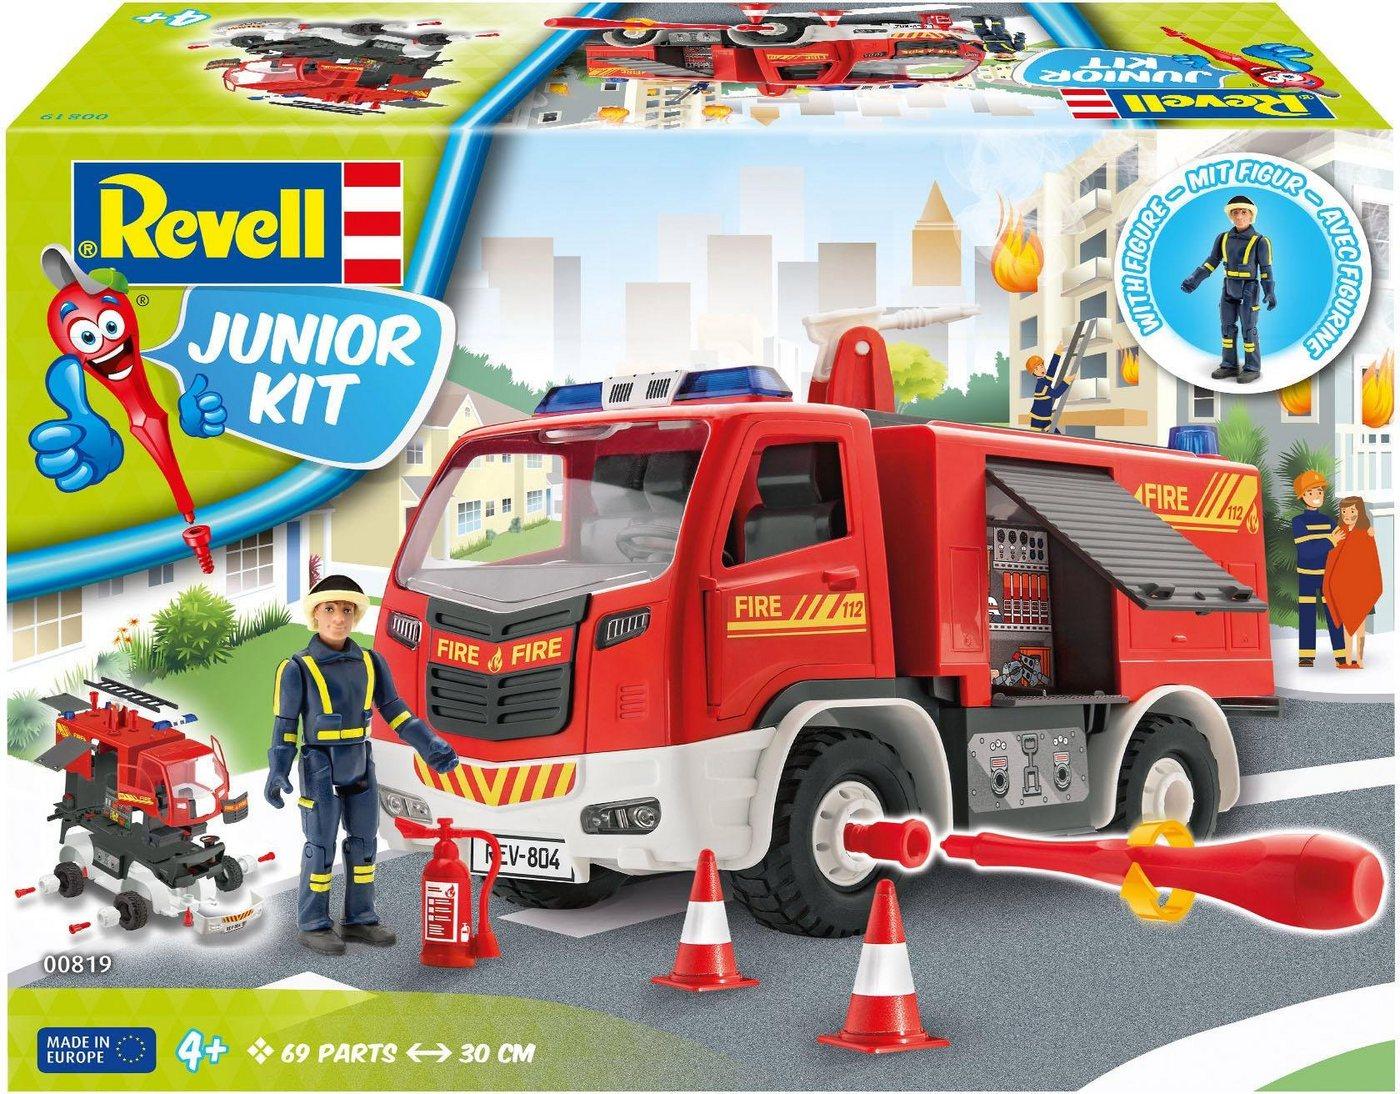 Revell Modellbausatz Auto mit Spielfigur, »Junior Kit Feuerwehr«